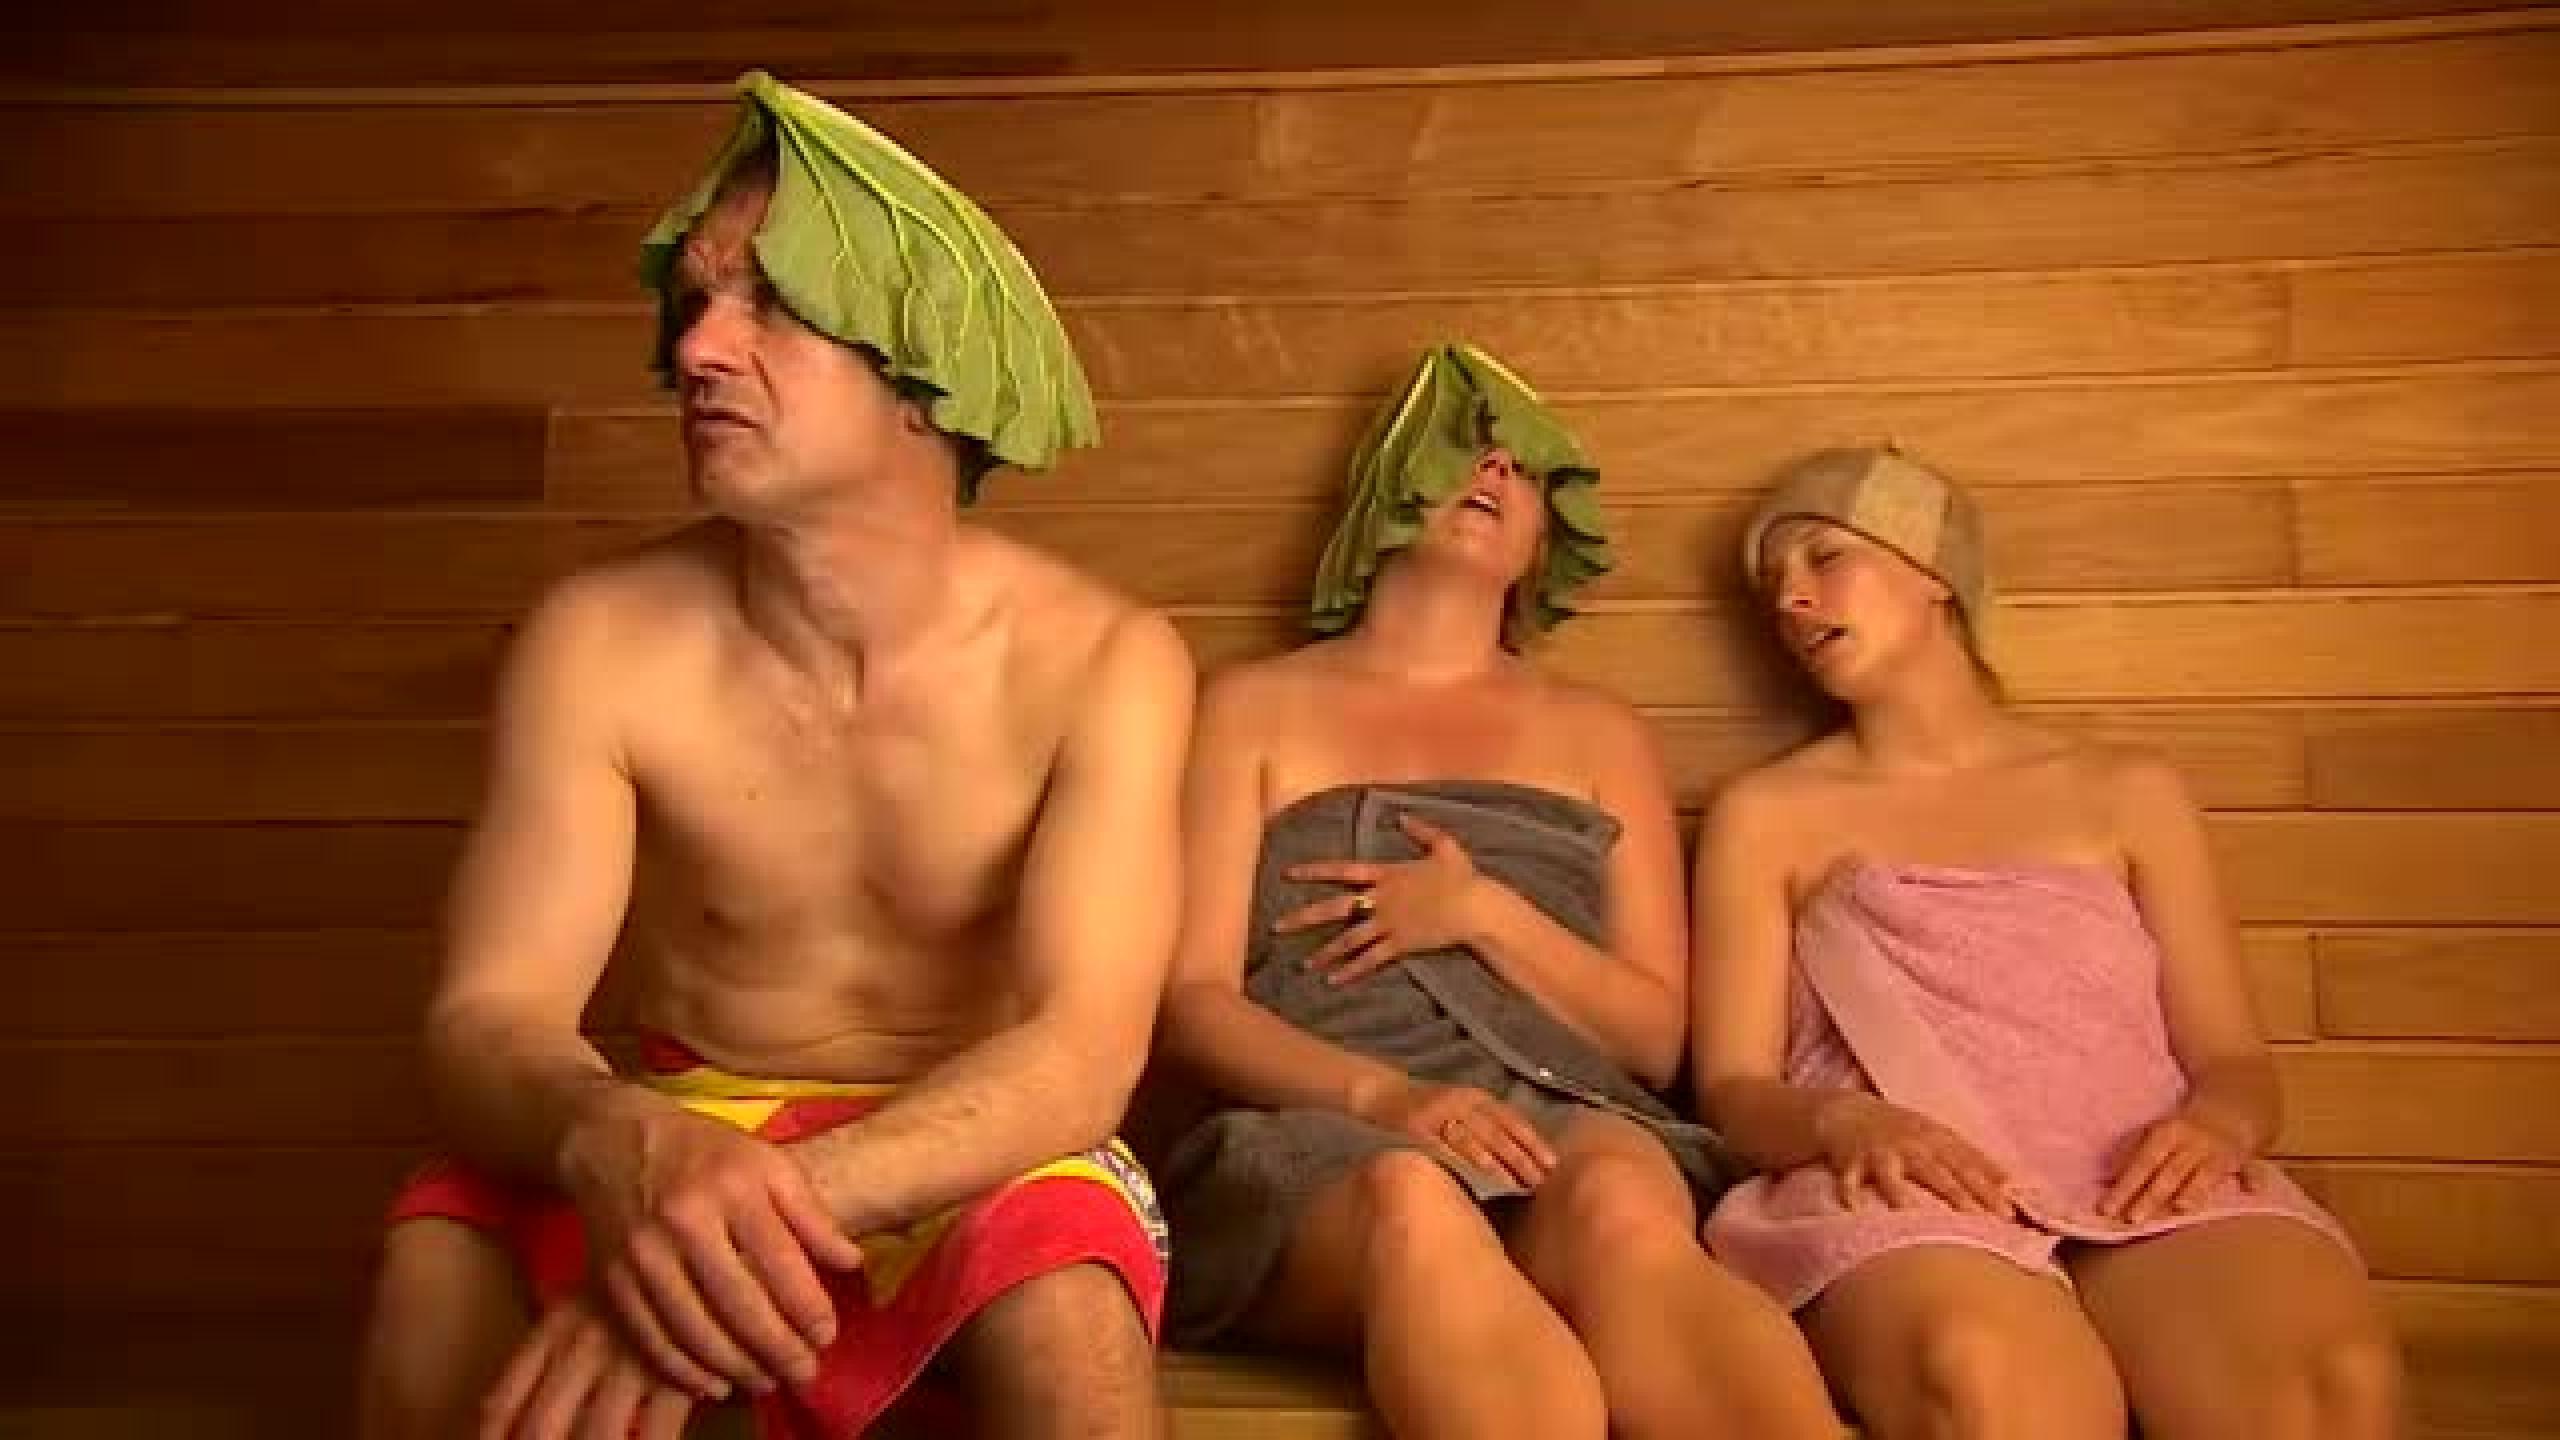 alastomat suomalaiset naiset hairy pussy sex